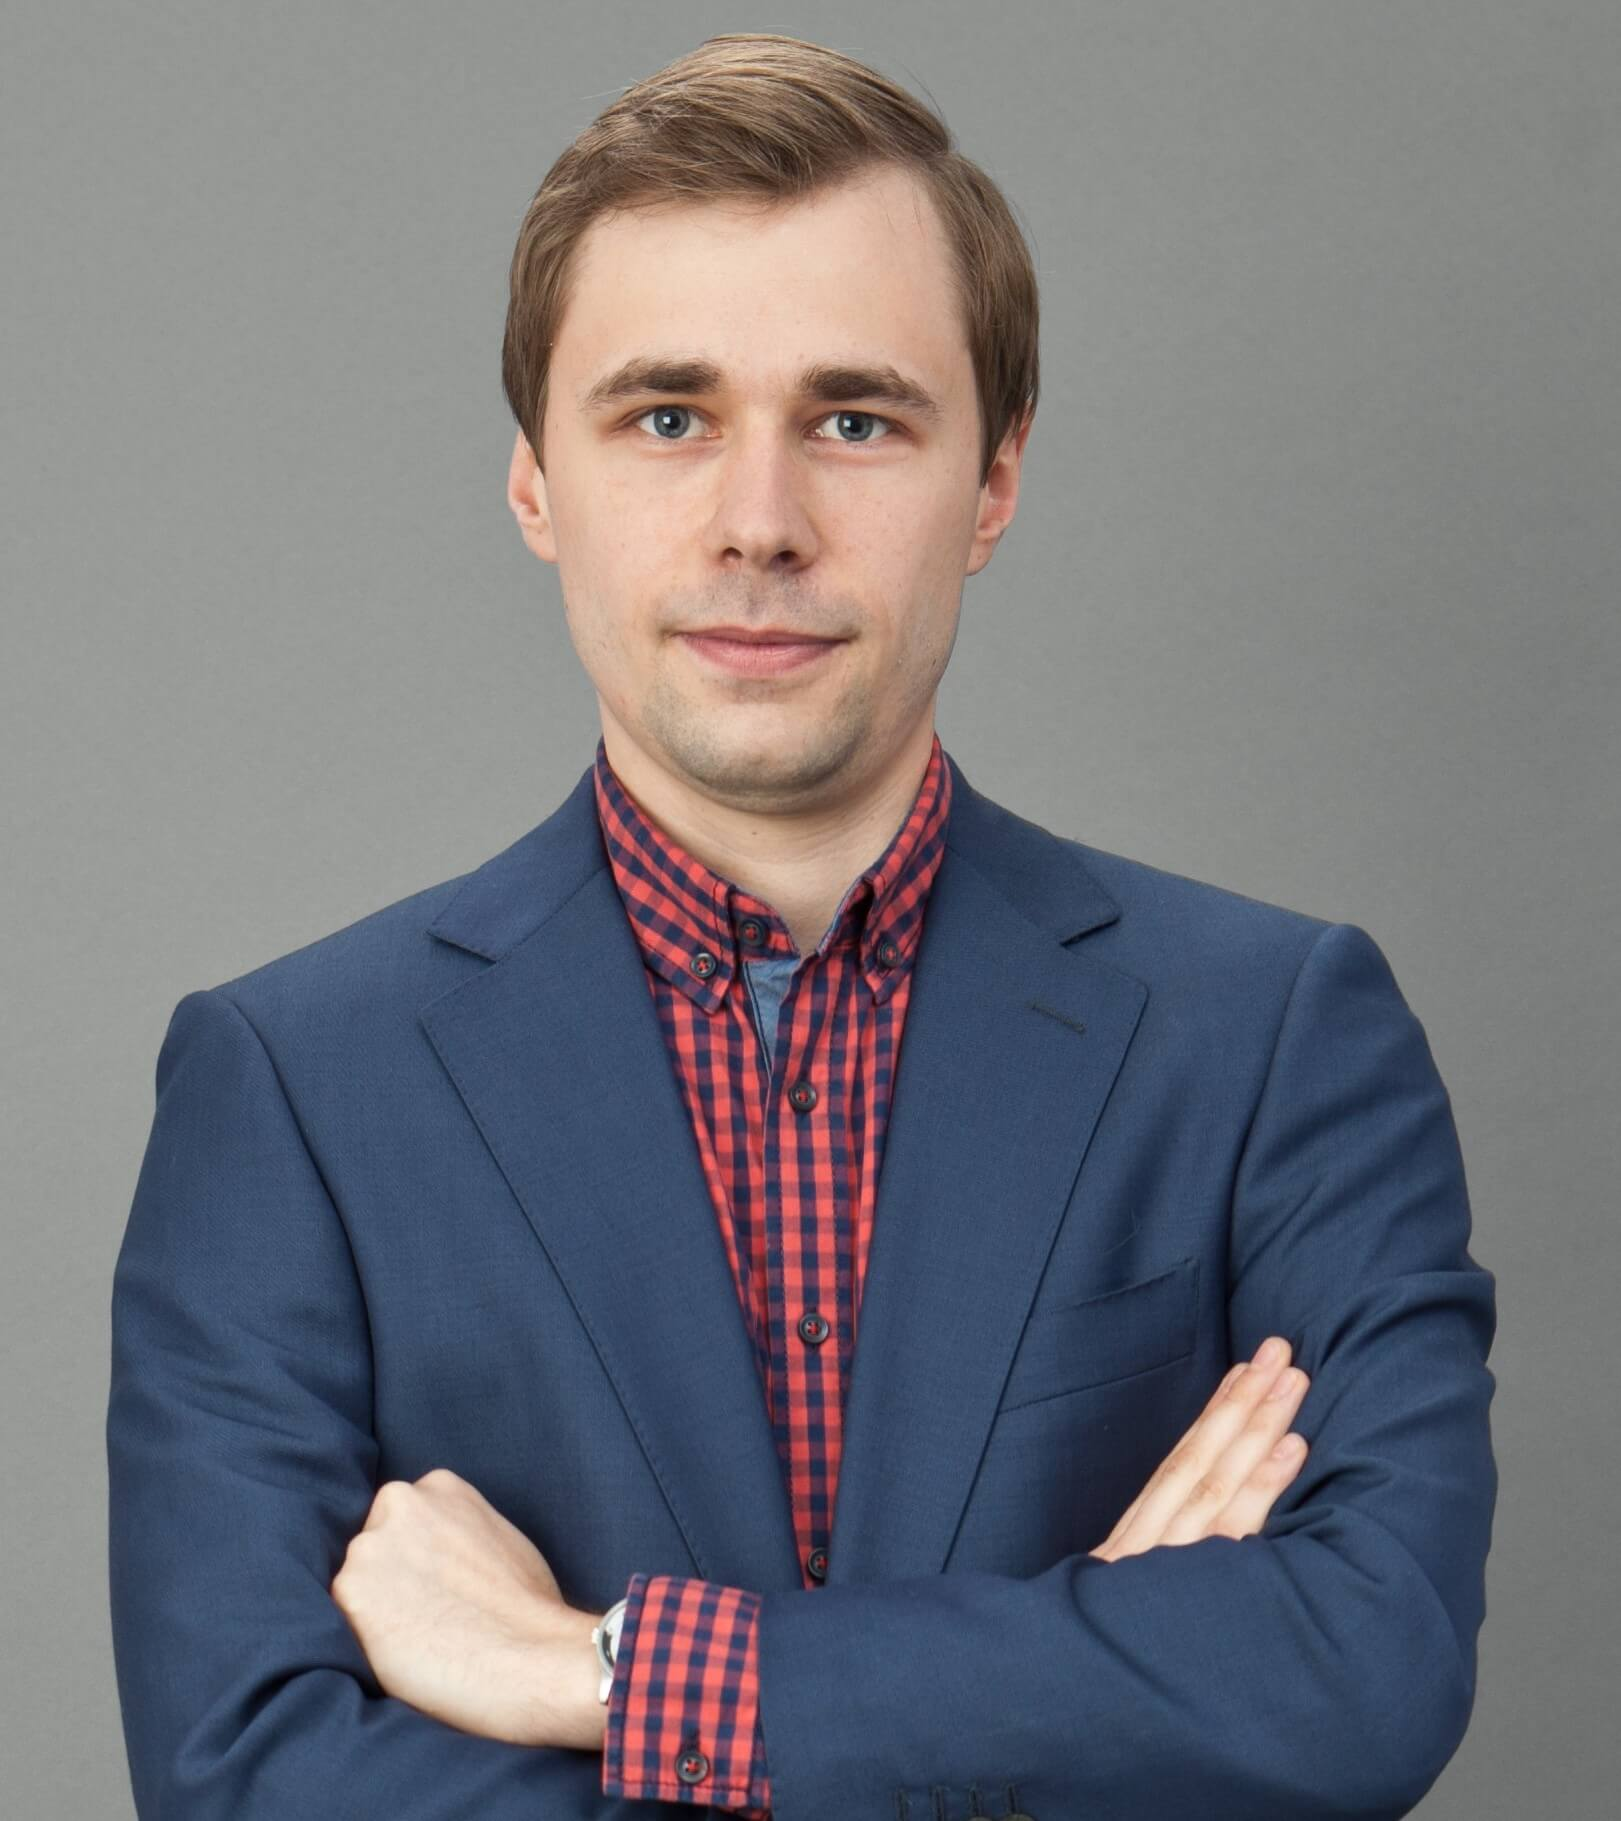 Jacek Wites